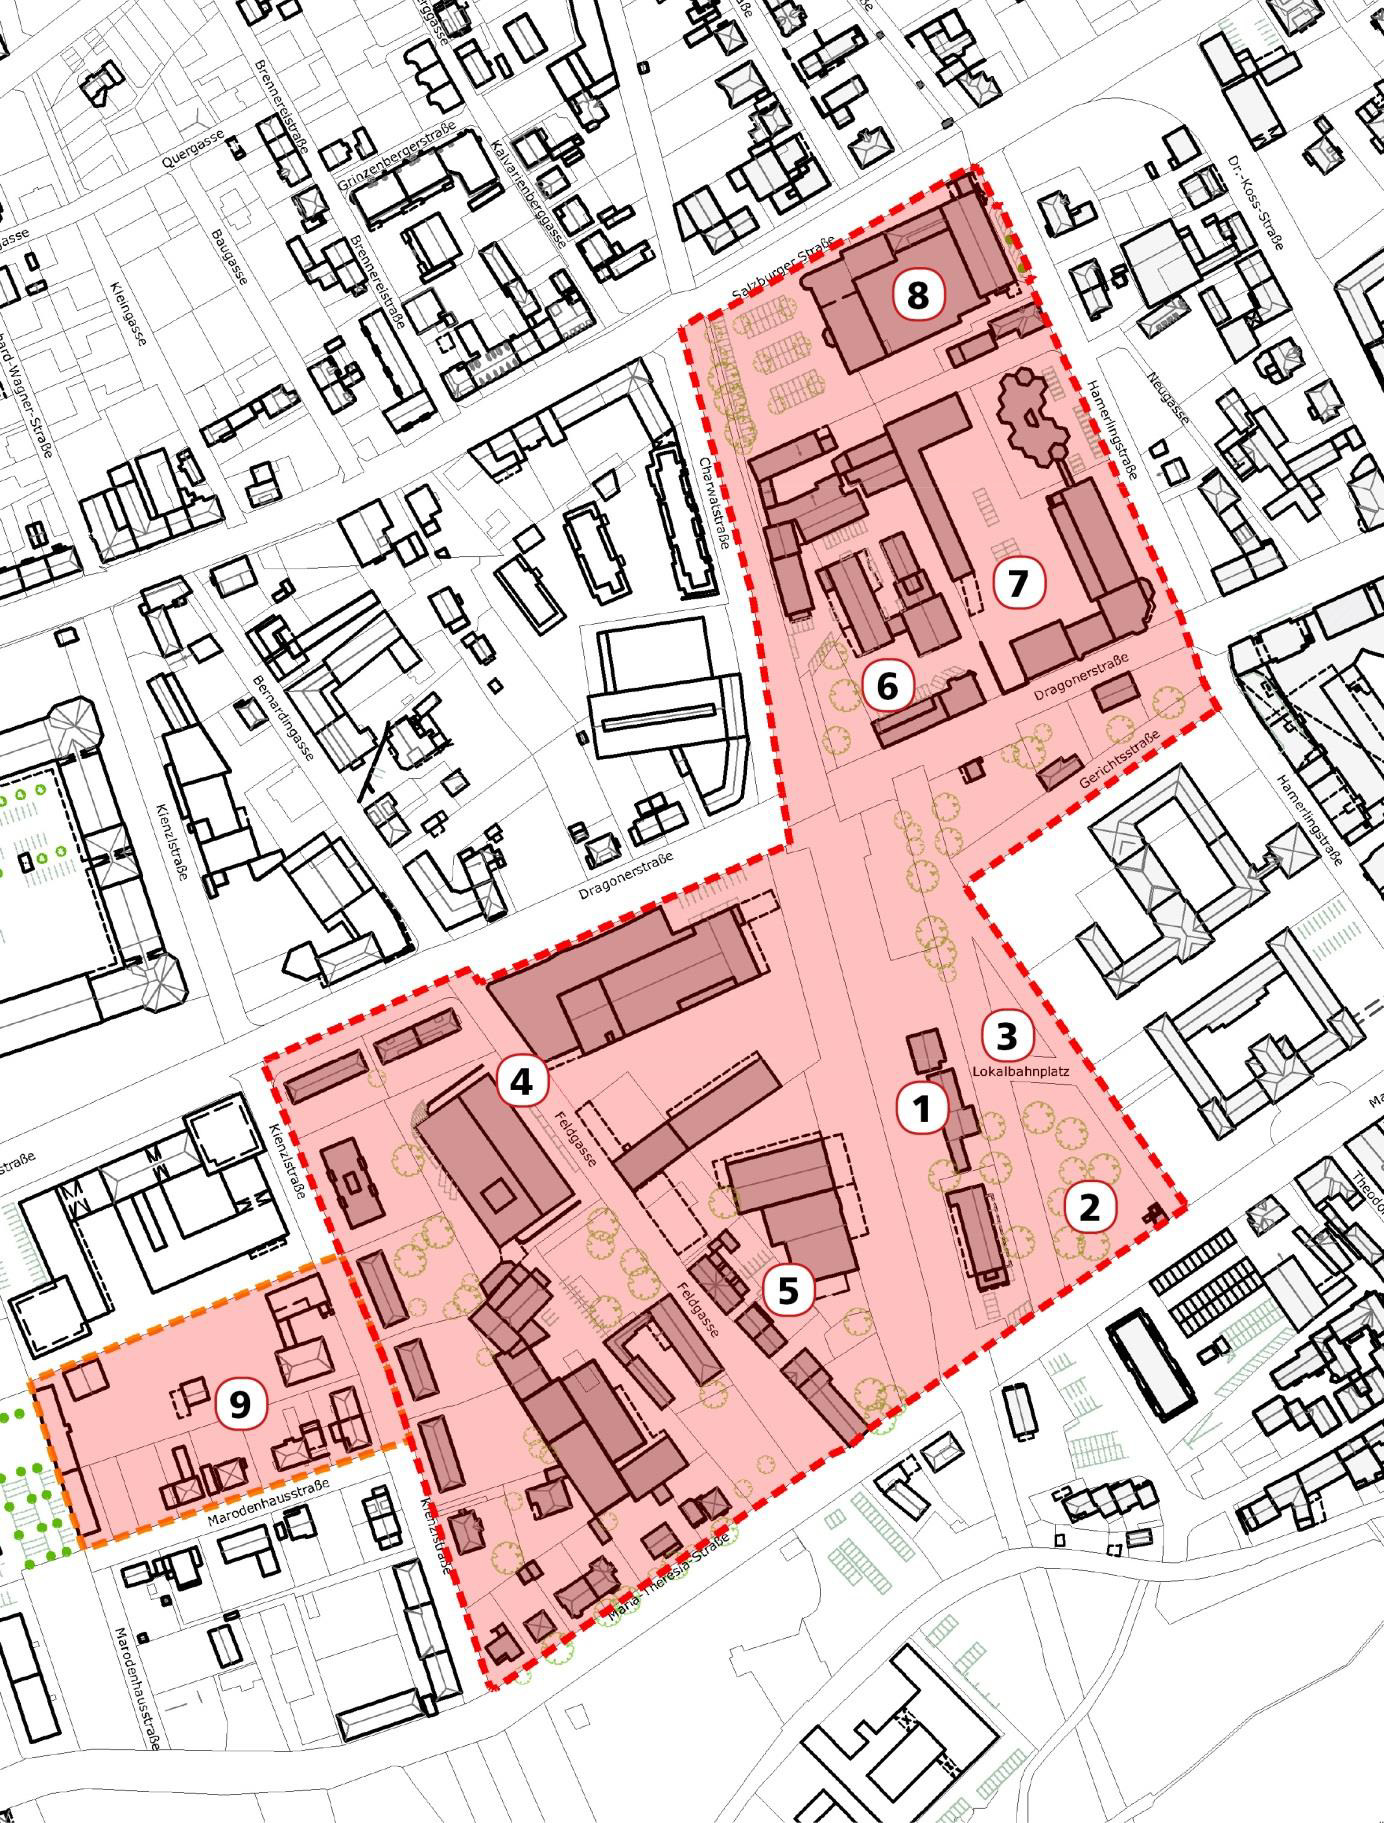 Lokalbahnhof Stadtplan